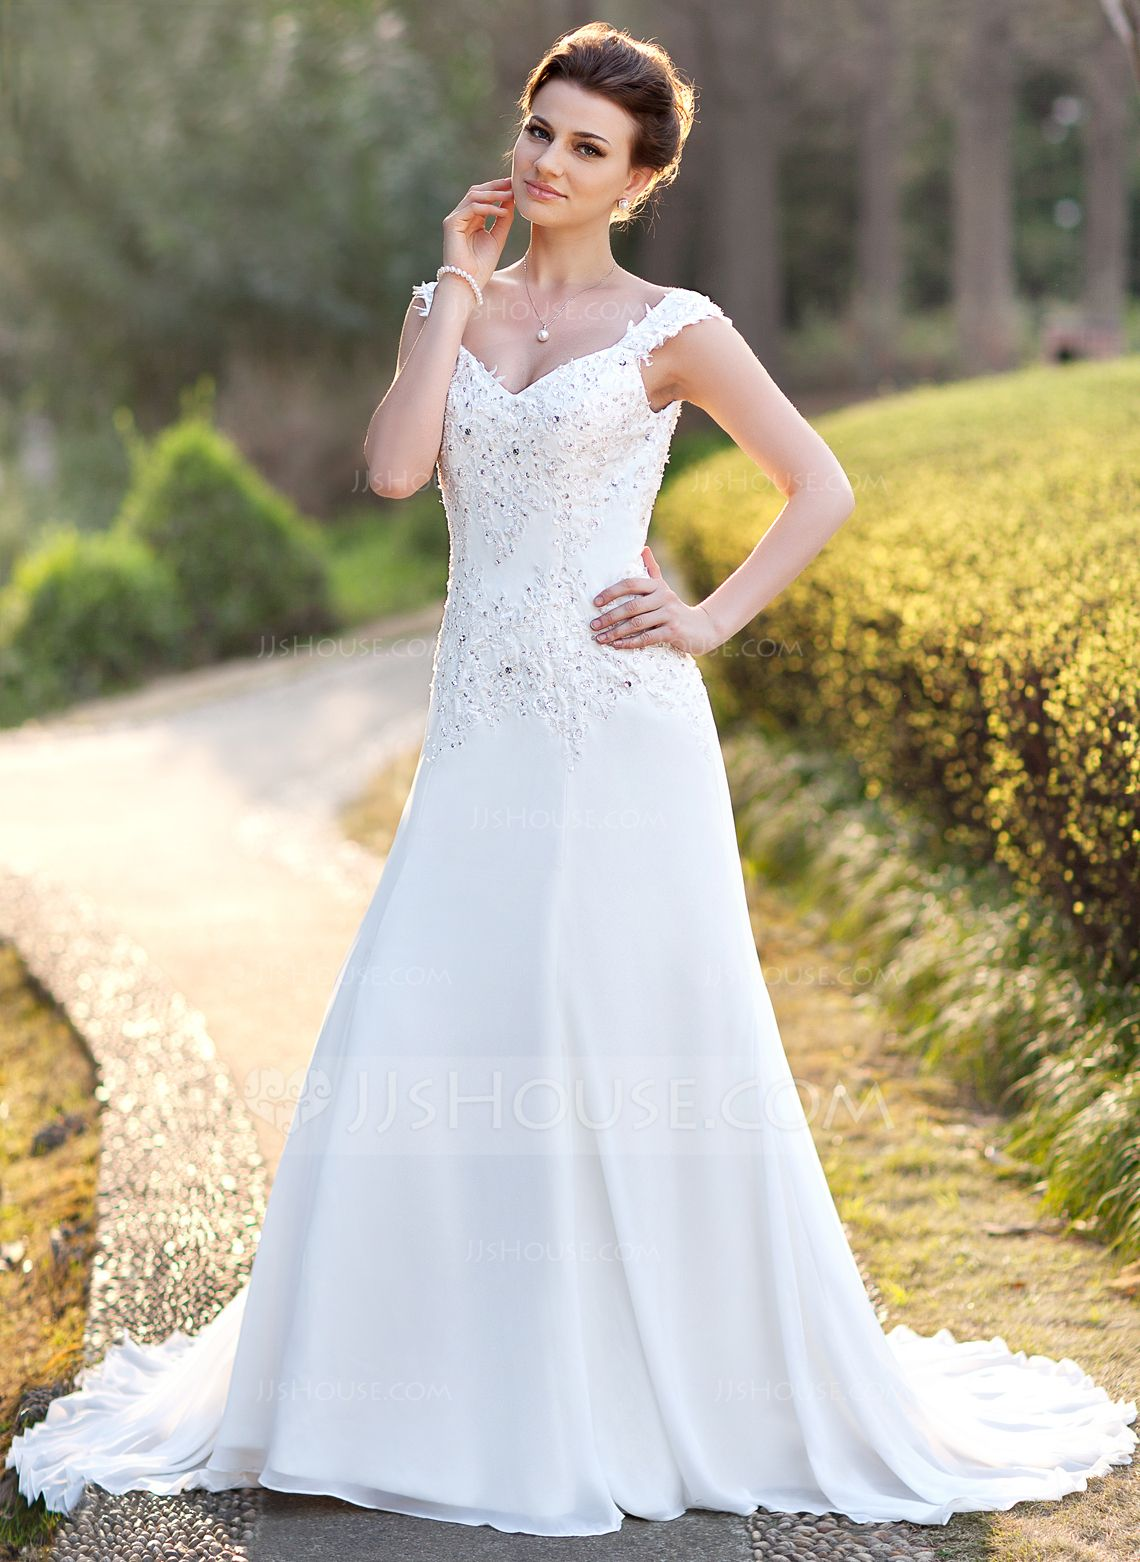 Alineprincess vneck court train chiffon wedding dress with lace